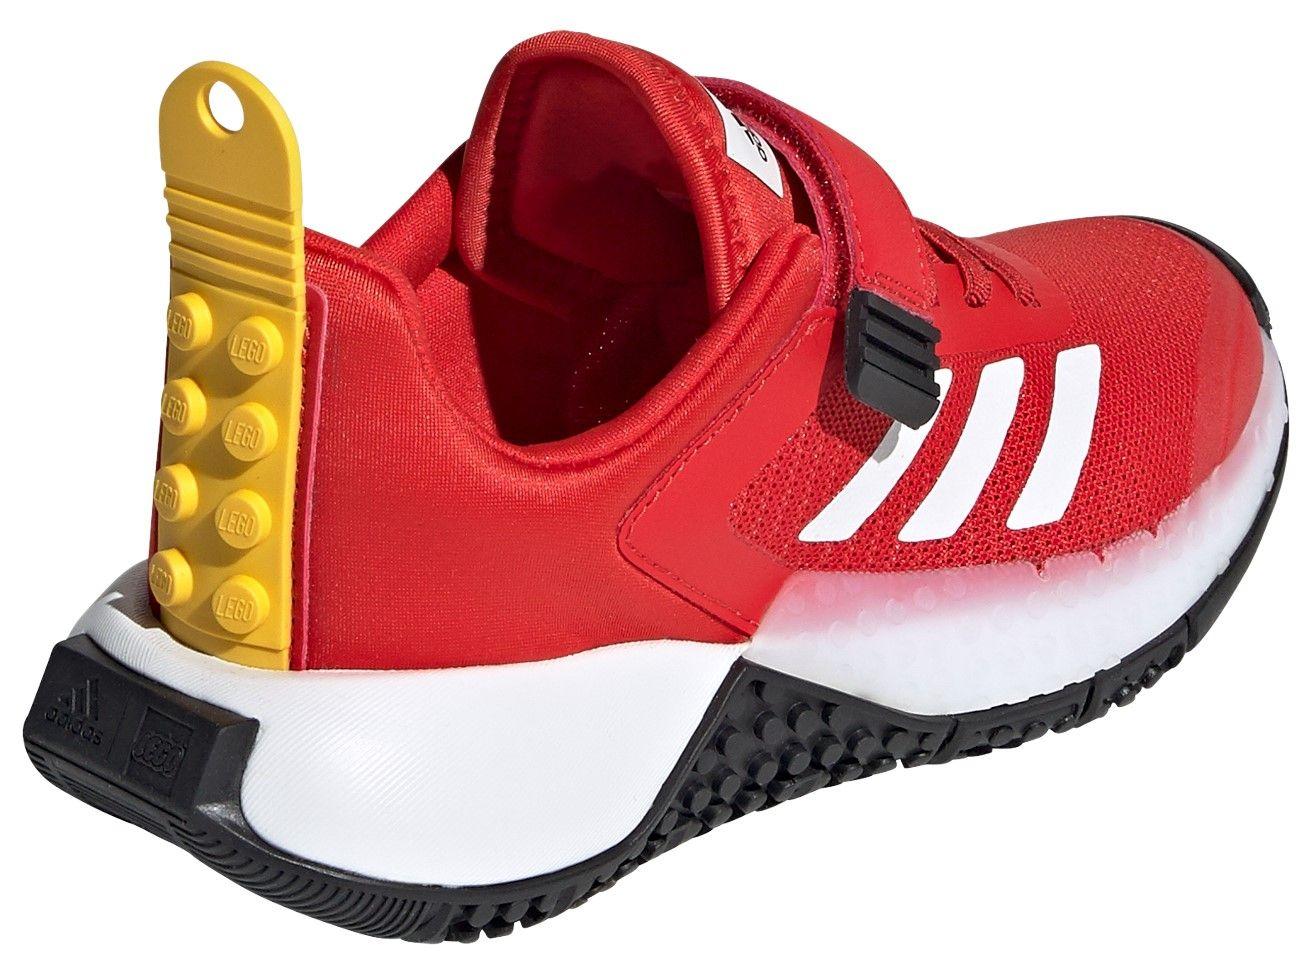 LEGO® Gear 5006533 adidas x LEGO® Sportschuhe für Kleinkinder